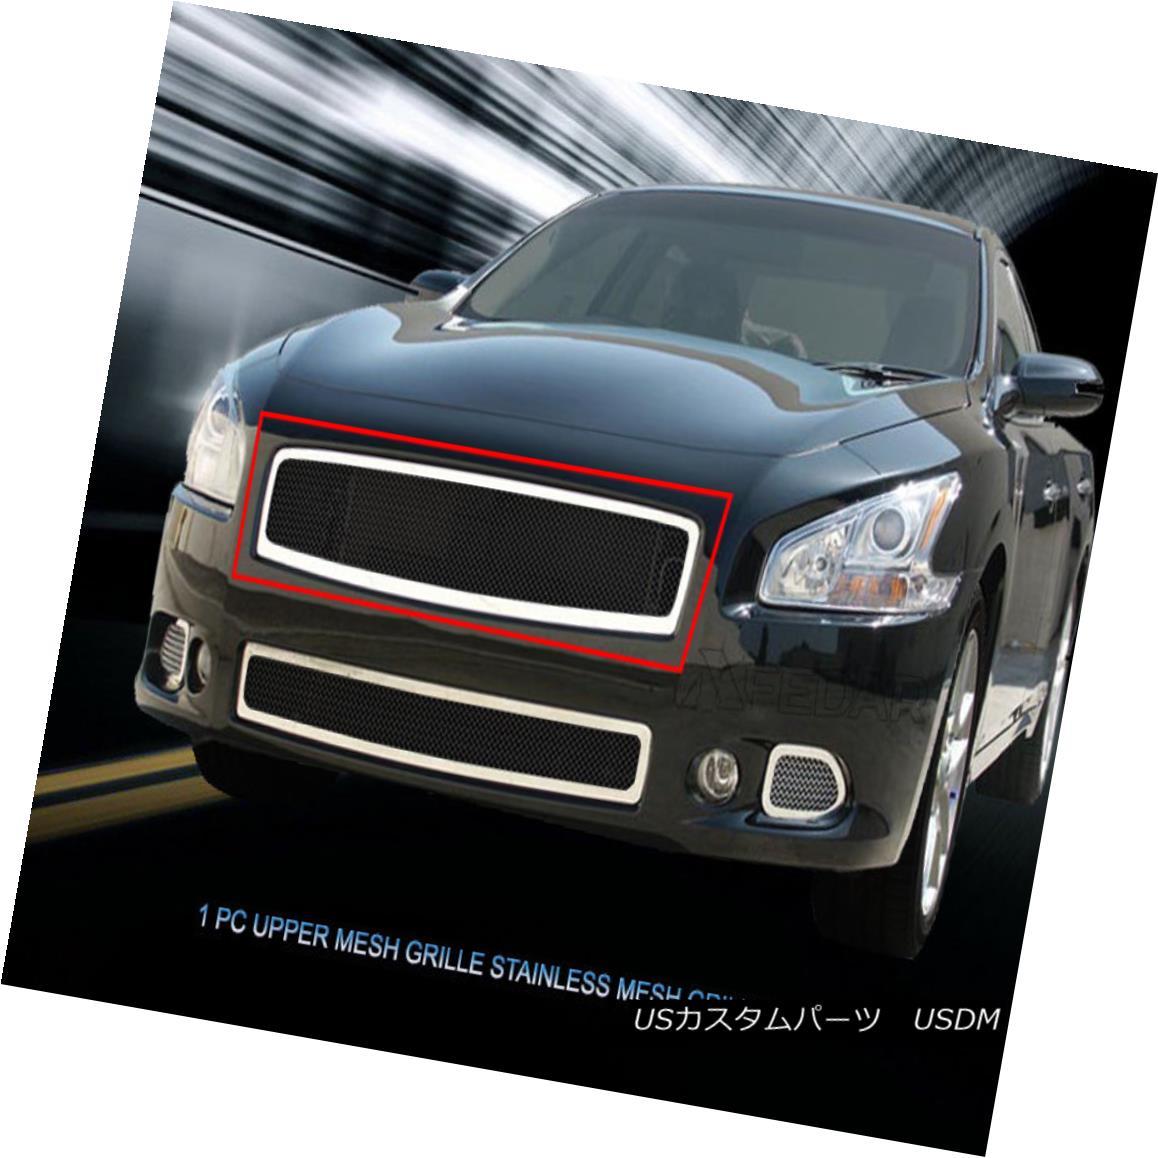 グリル Fits 2009 -2014 Nissan Maxima Stainless Steel Black Wire Upper Mesh Grille Fedar 2009年-2014日産マキシマステンレススチールブラックワイヤアッパーメッシュグリルフェザー